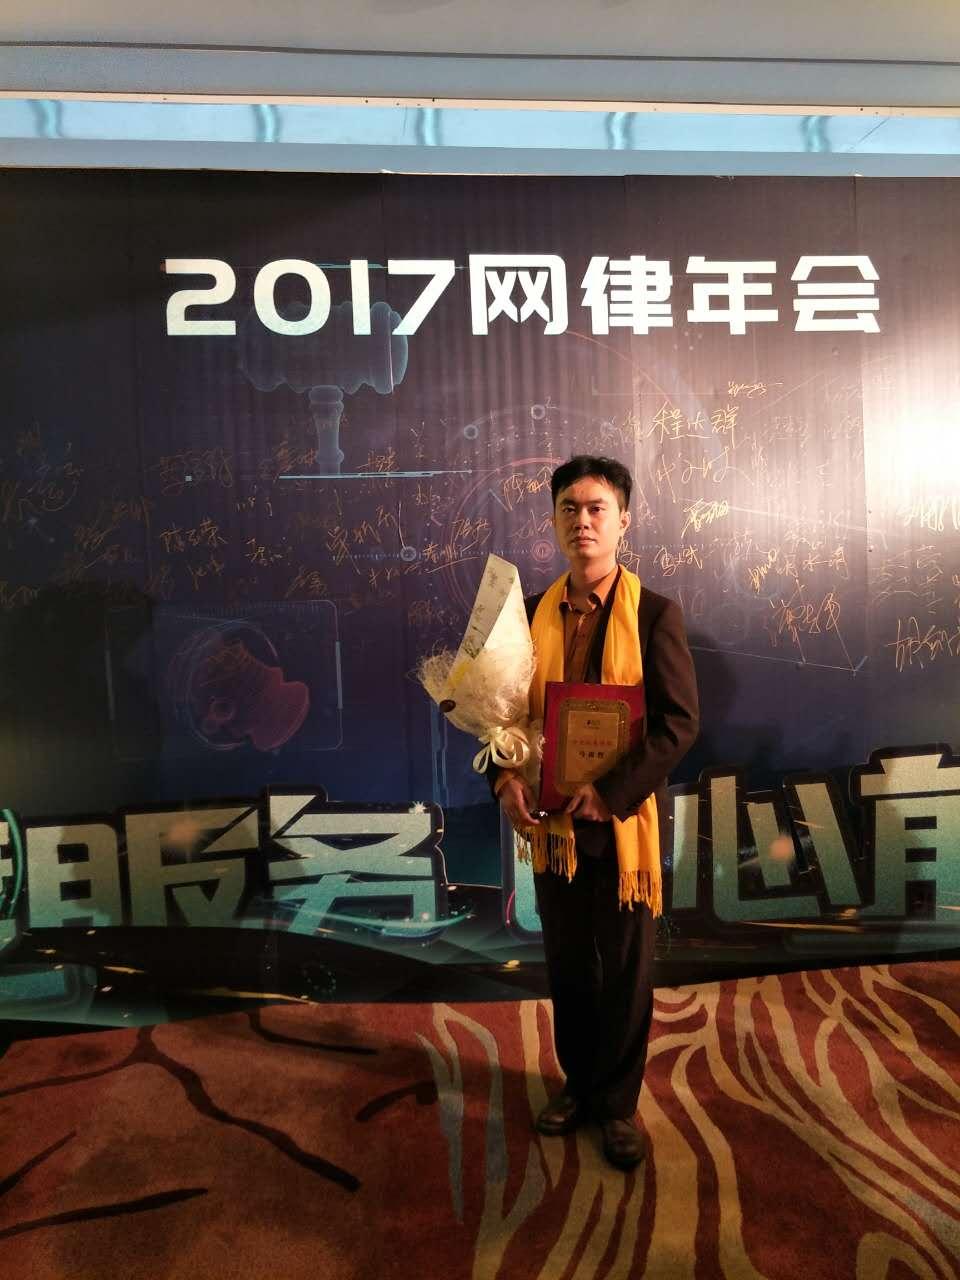 马俊哲律师参加网律年会并获奖